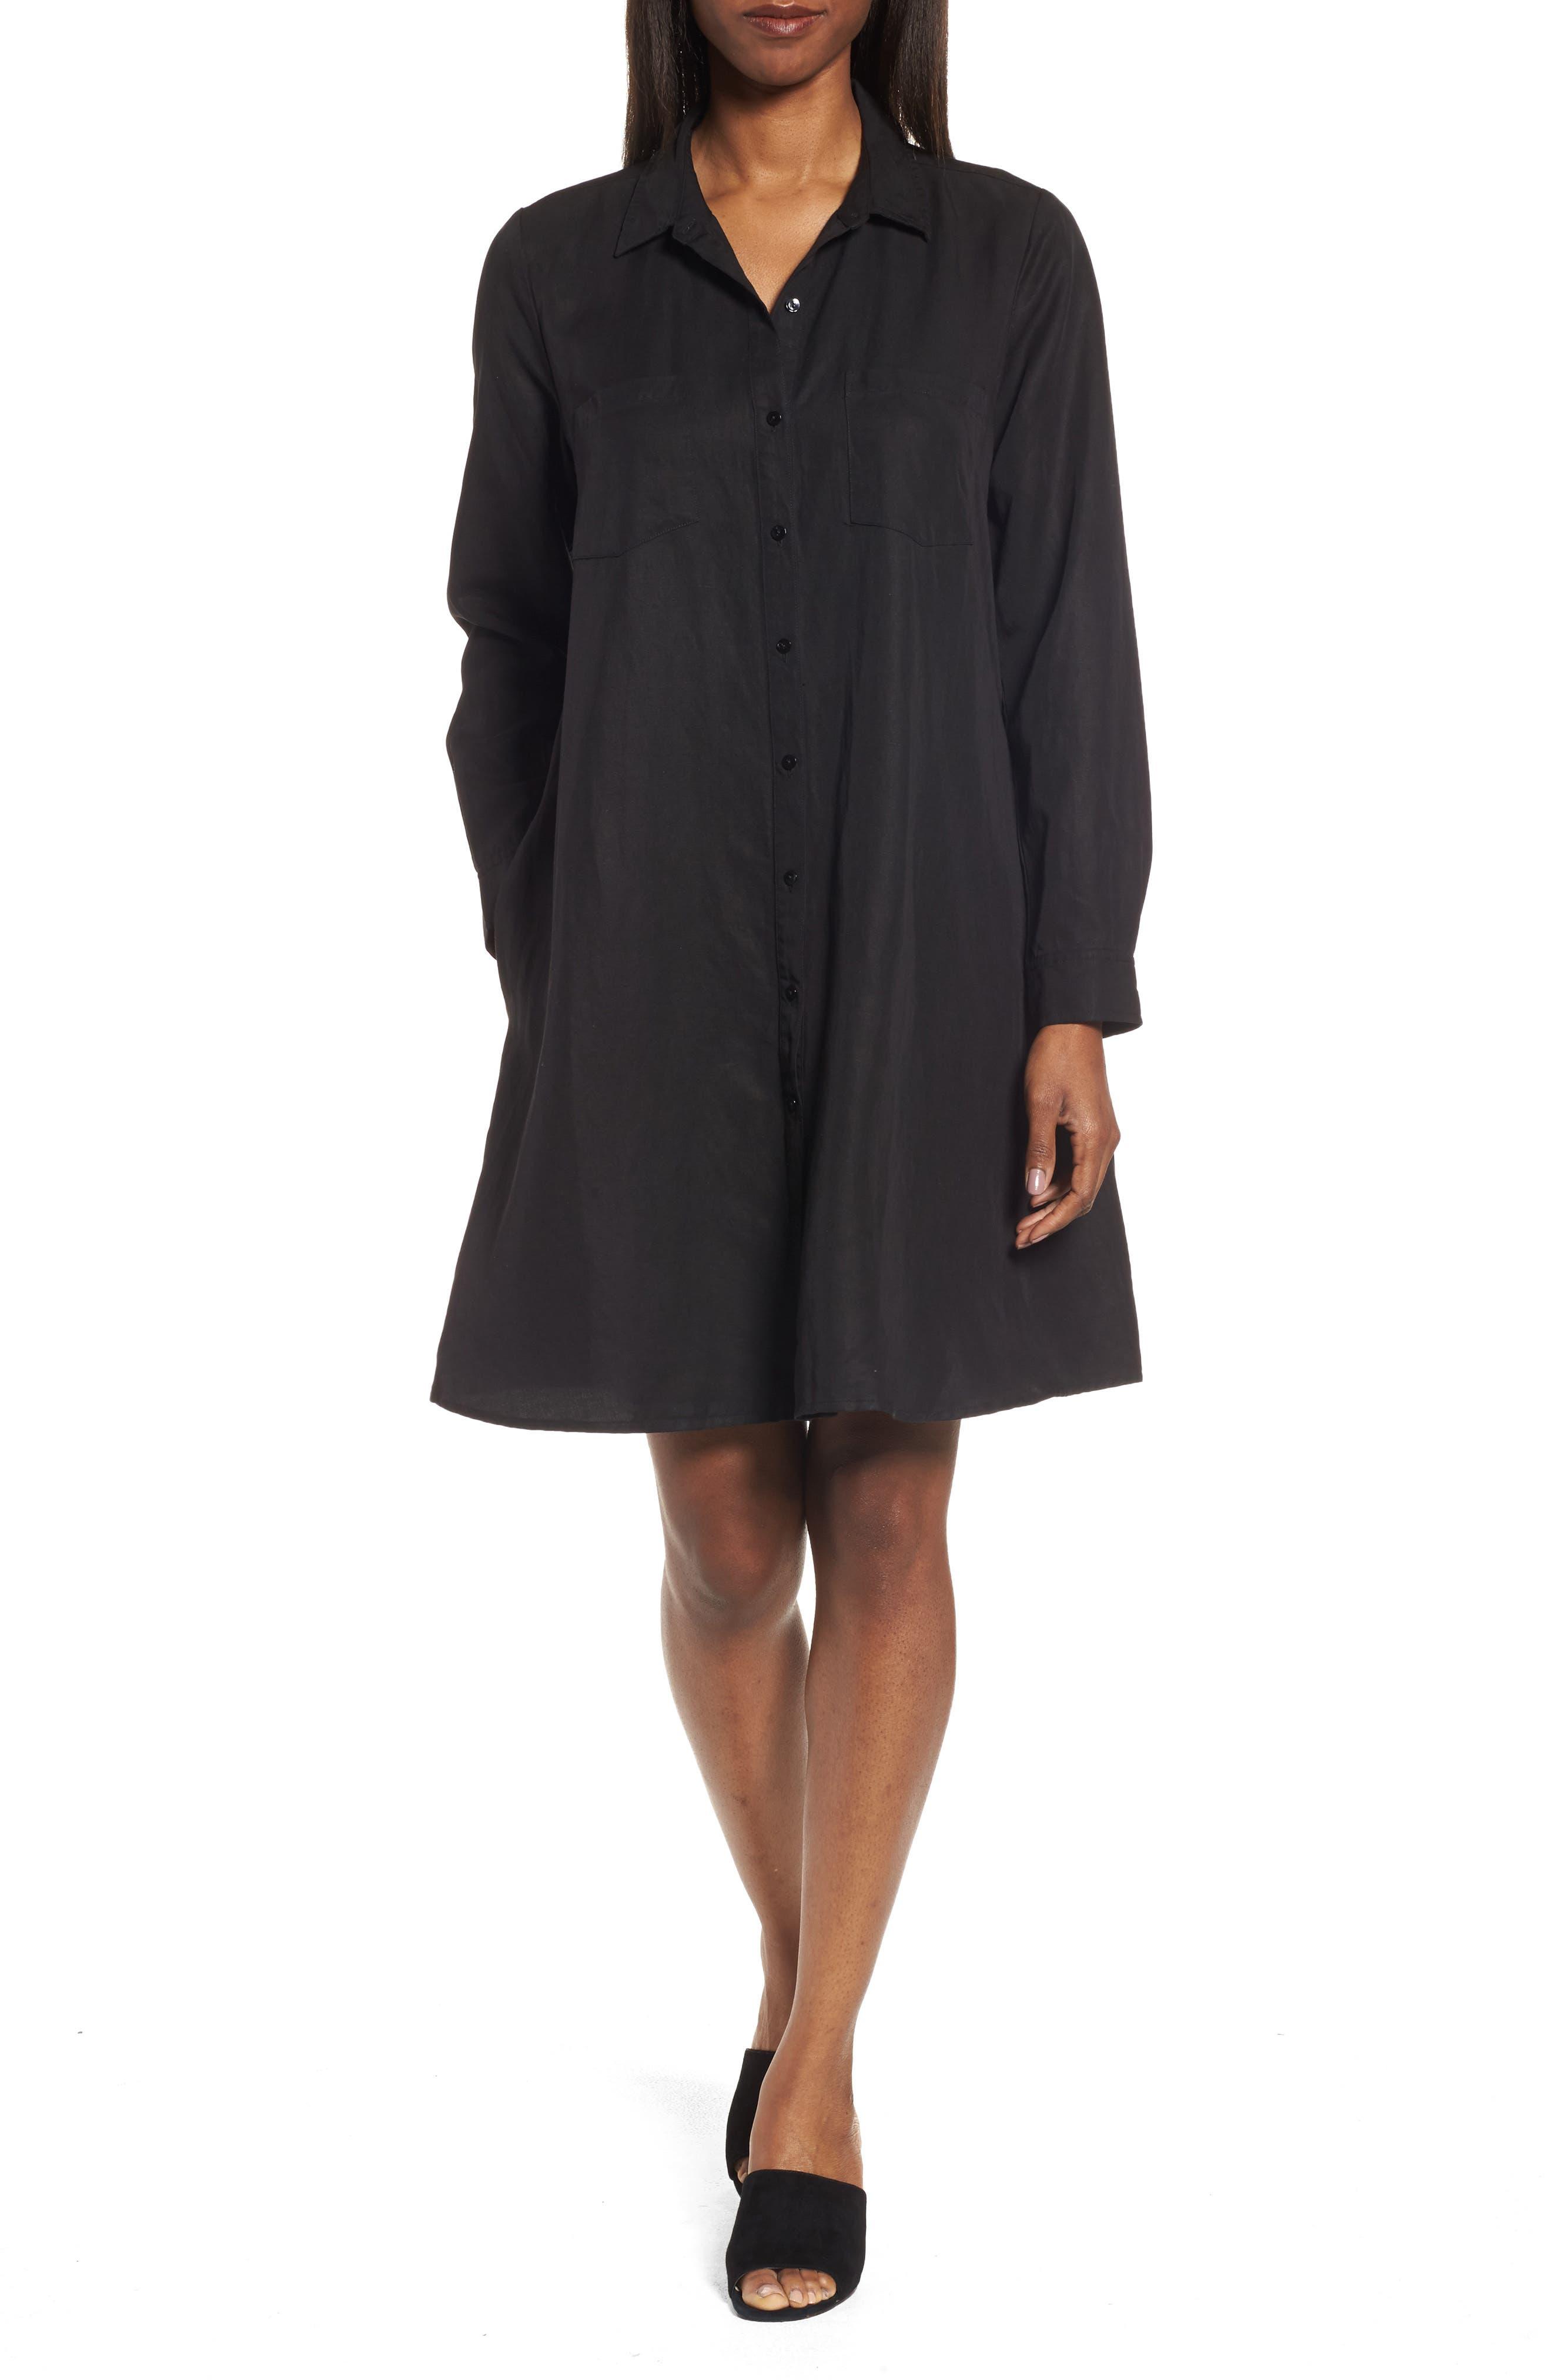 Eileen Fisher Classic Collar A-Line Shirtdress (Regular & Petite)